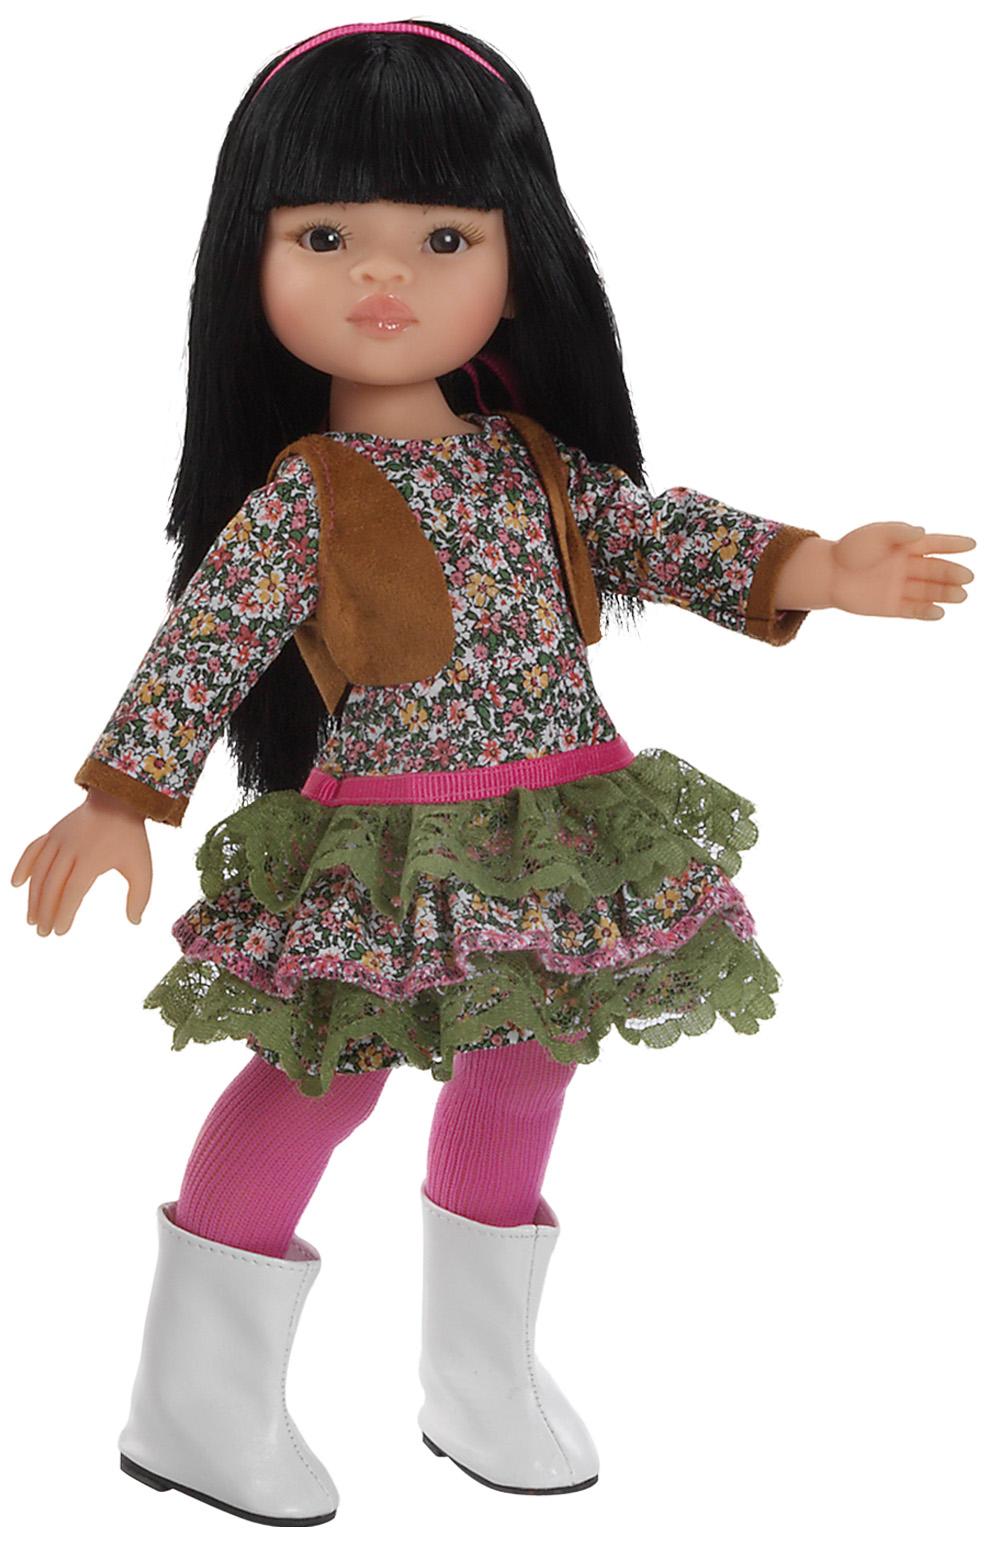 Realistická panenka Liu od f. Paola Reina ze Španělska (Doprava od 35 Kč)